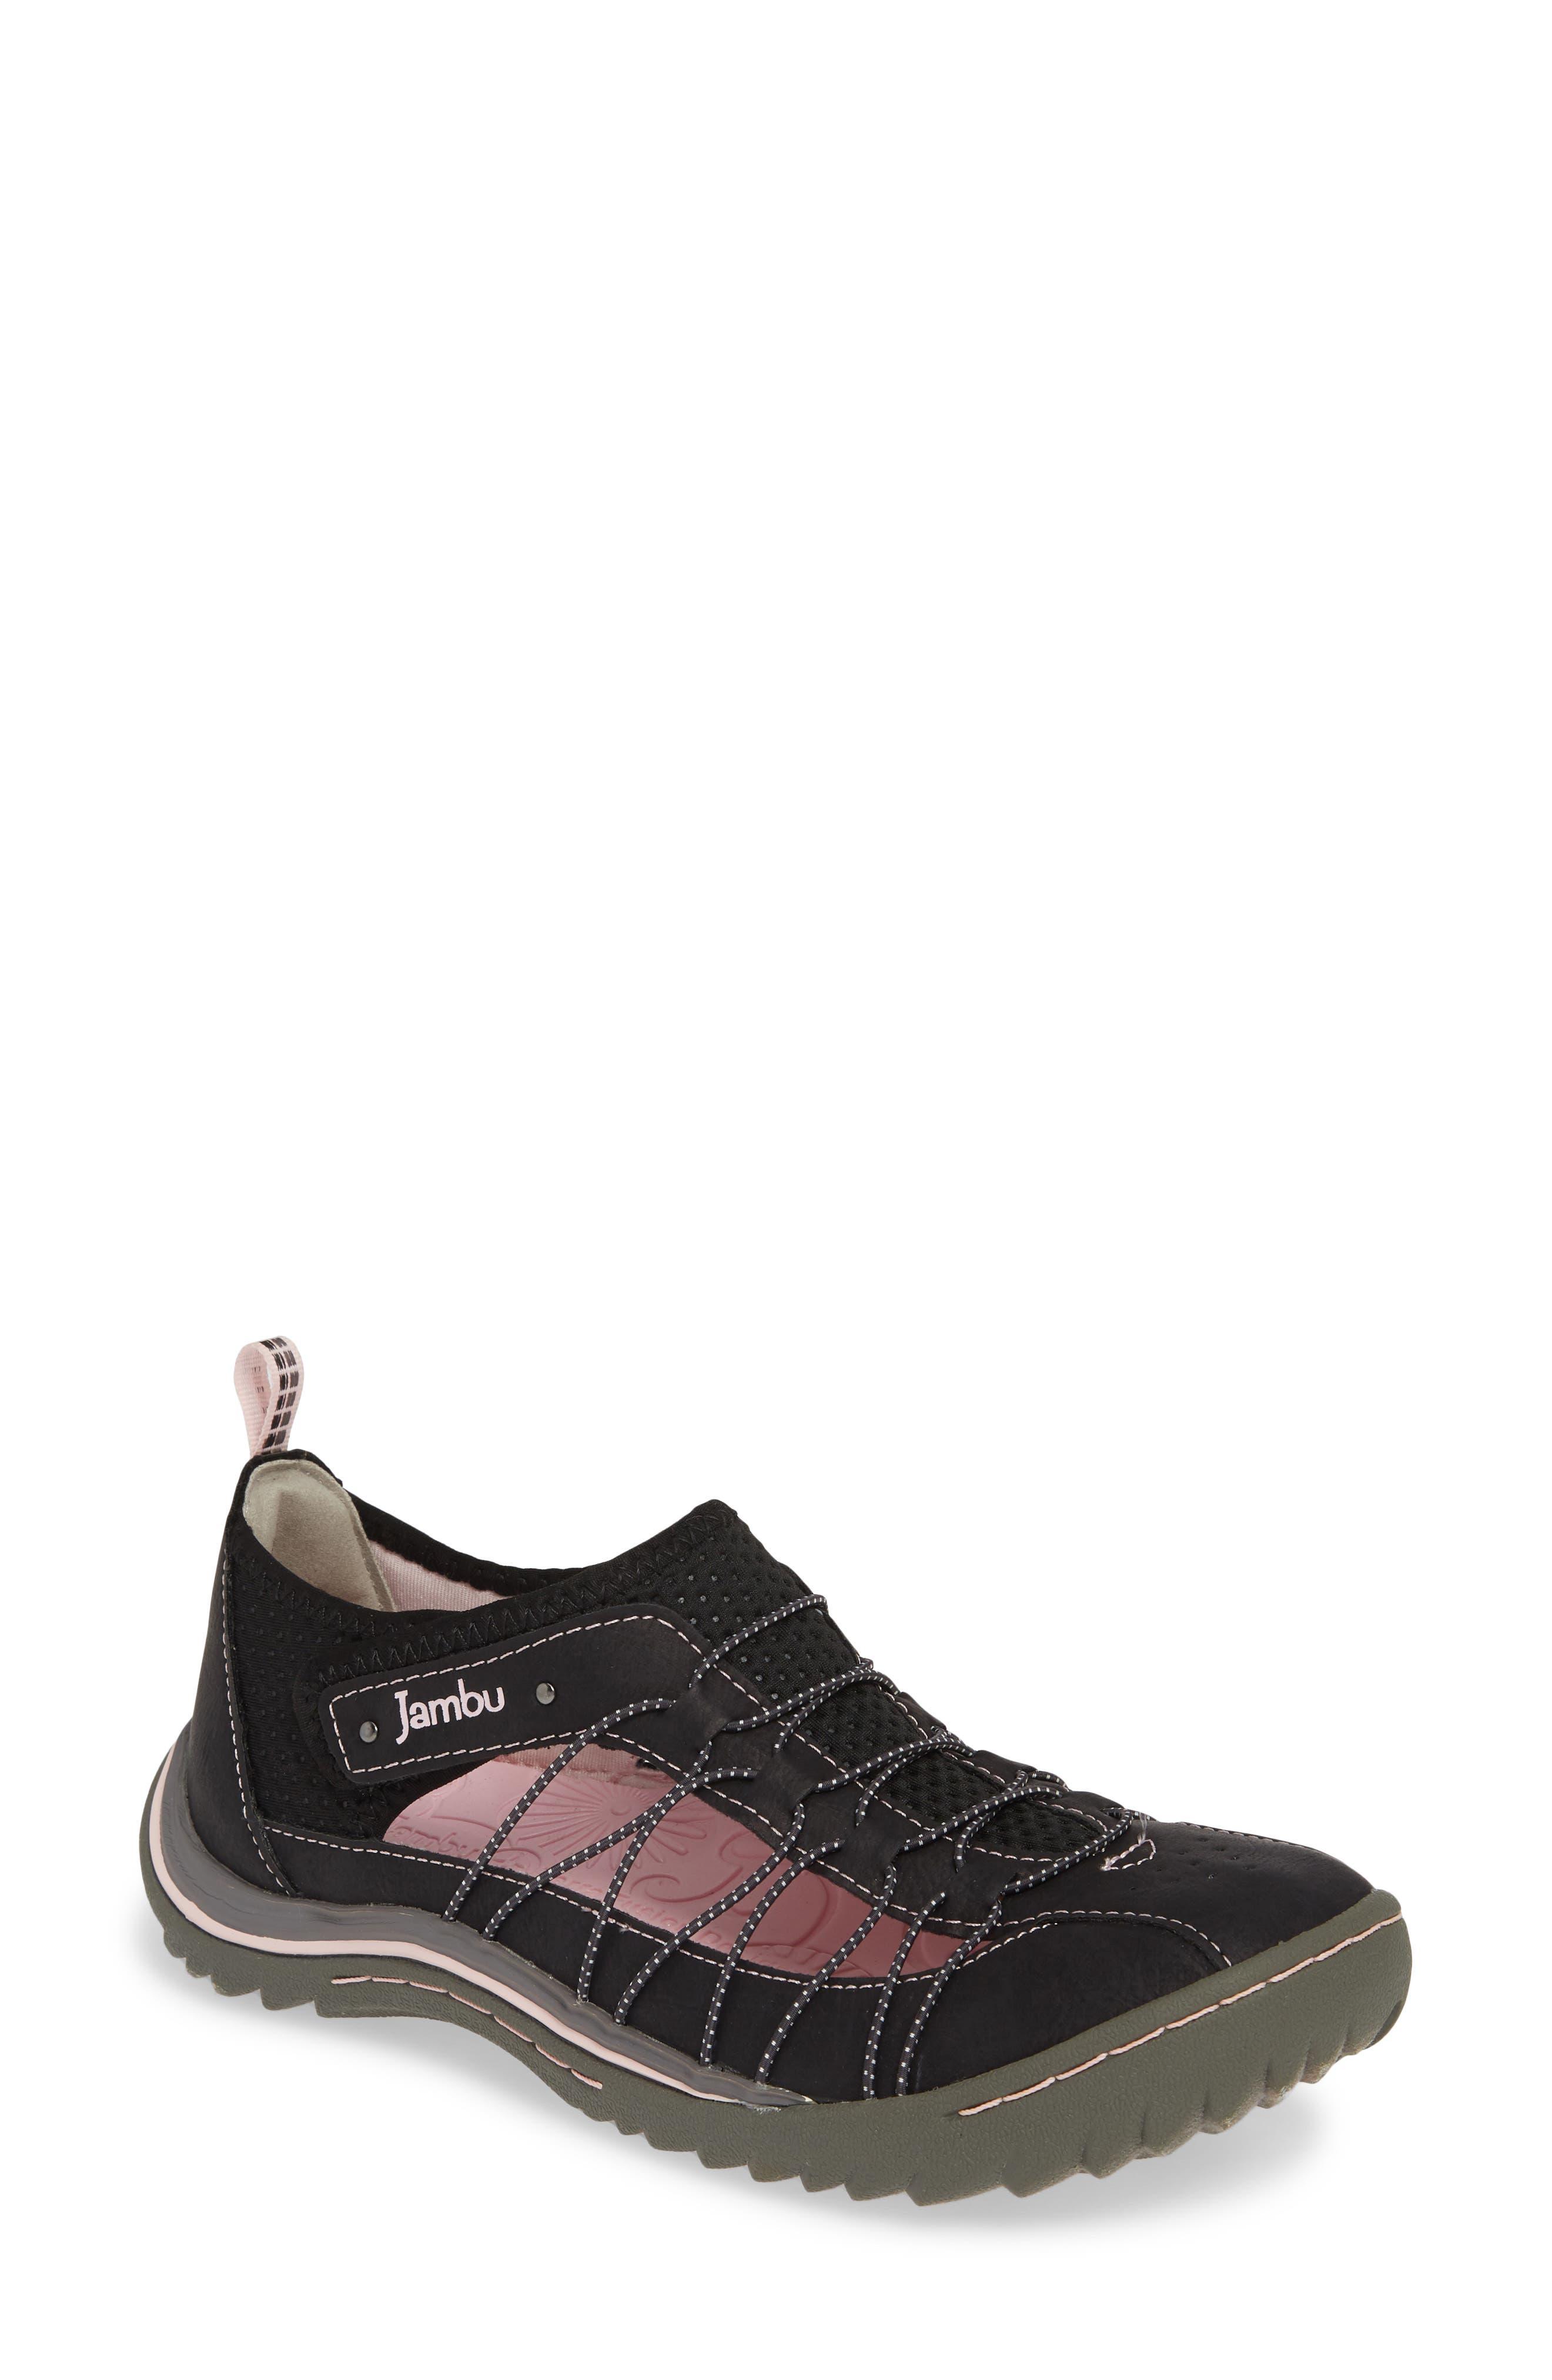 Jambu Free Spirit Sneaker- Black